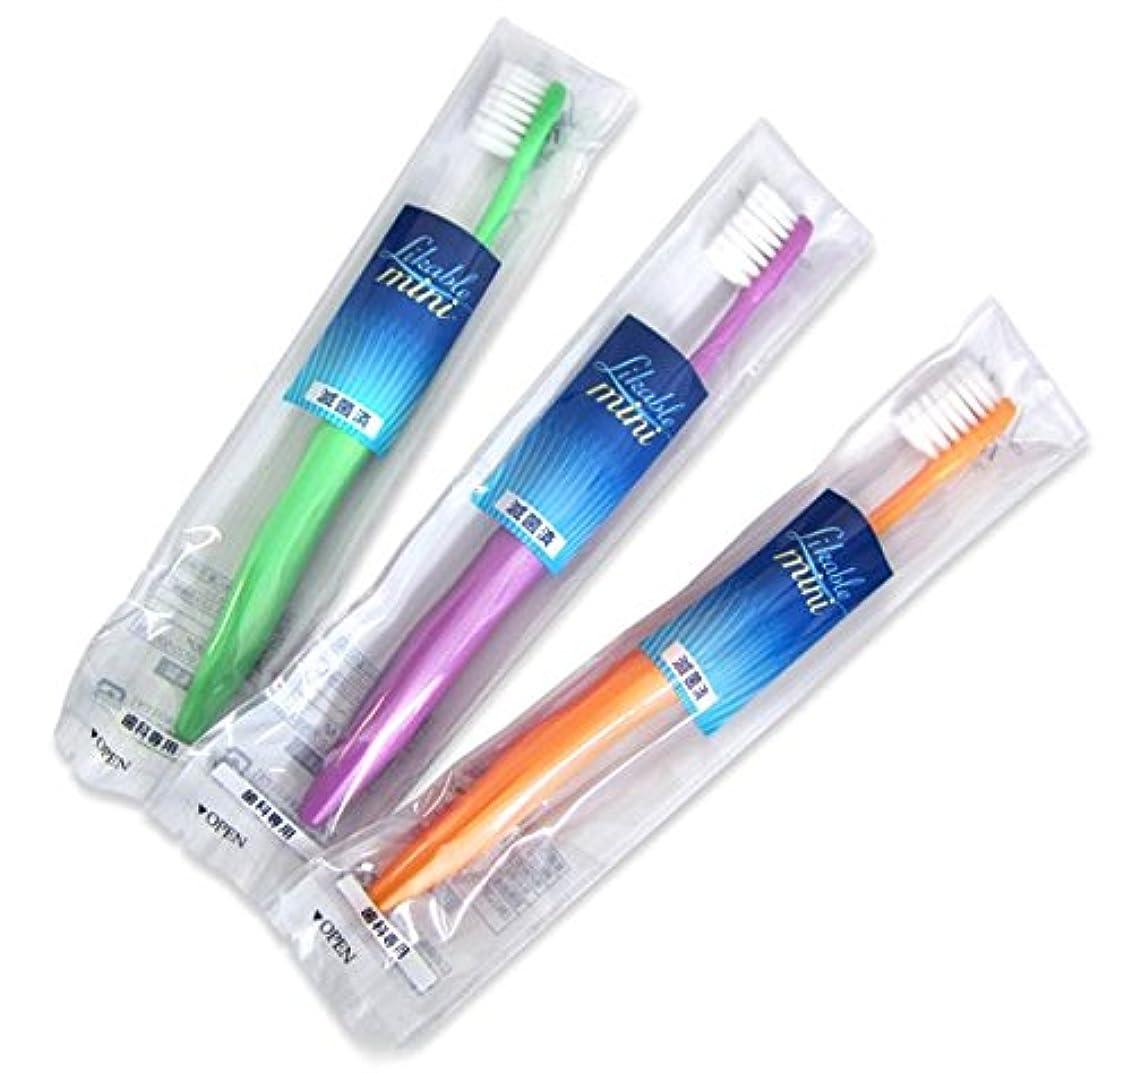 ライカブル ミニ歯ブラシ 12本入